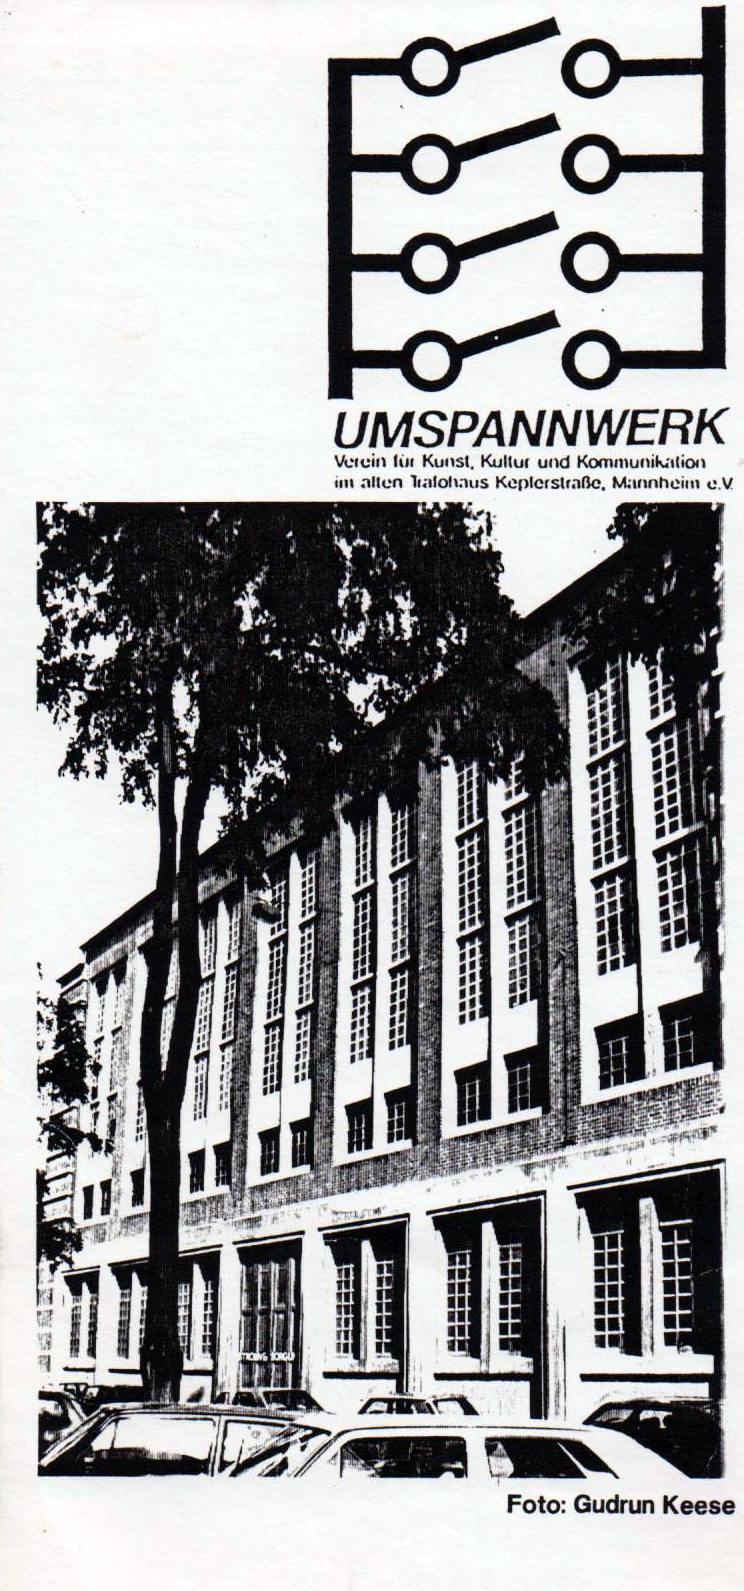 ca. 1988: Flyer zum Erhalt des Umspannwerks